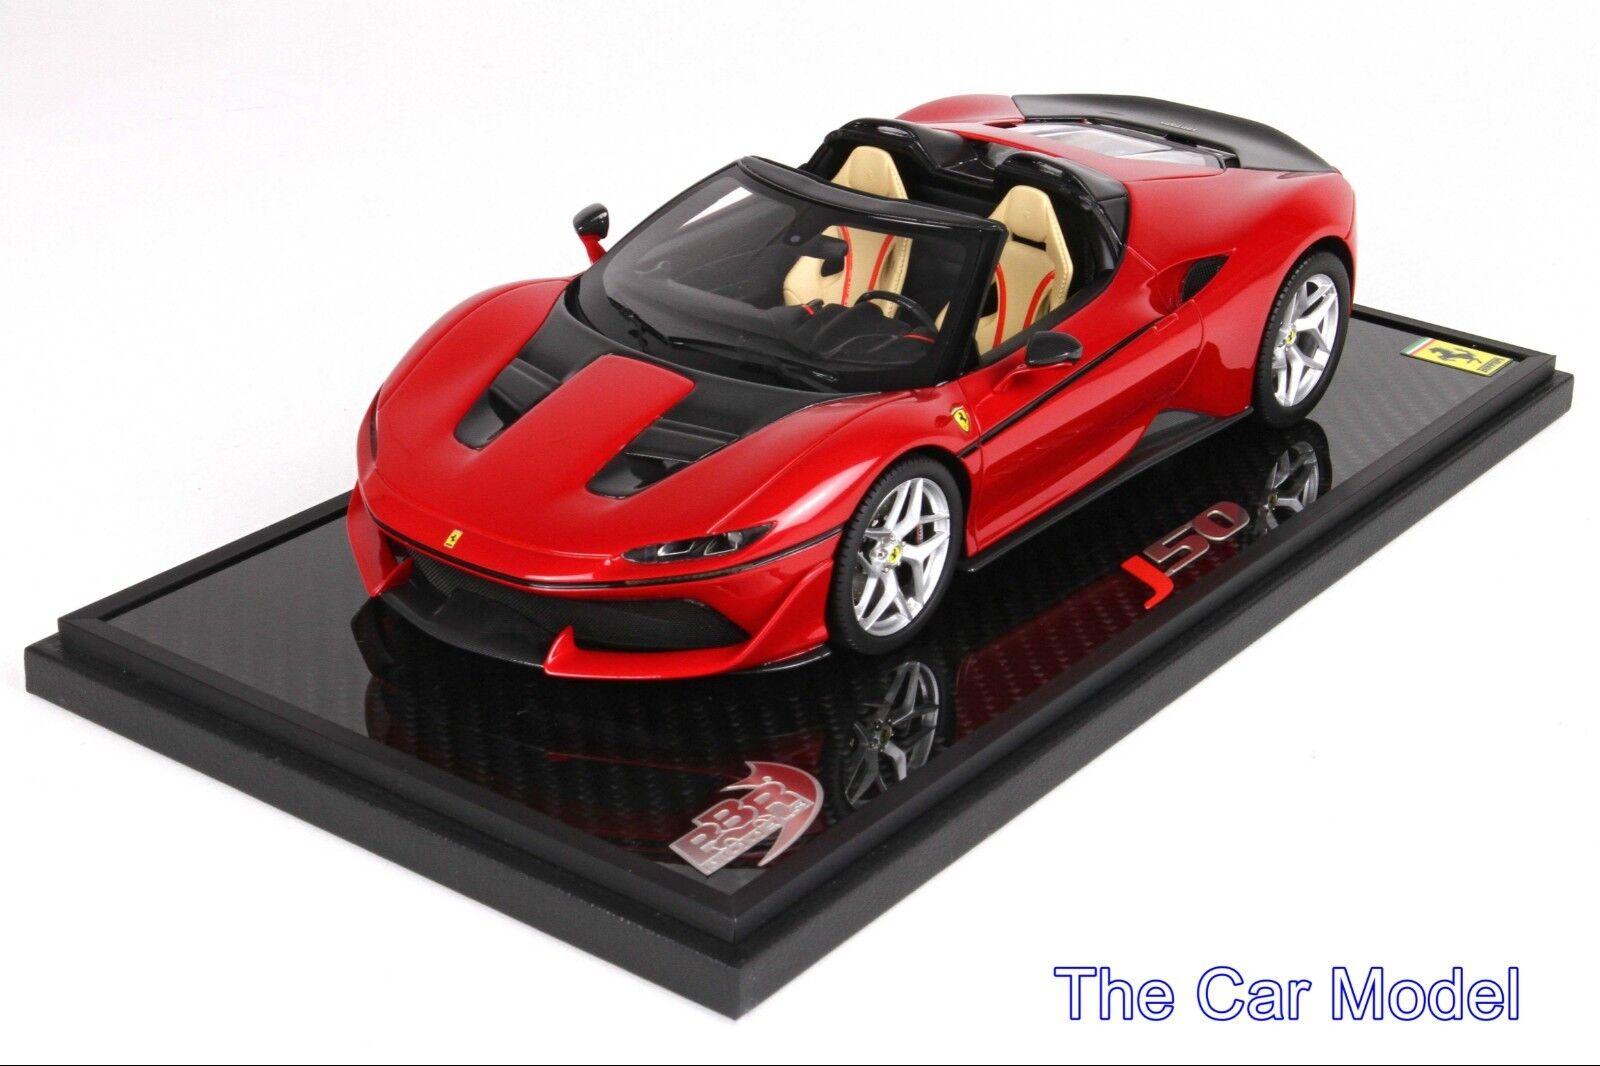 Mejor precio Ferrari J50th aniversario rojo Rojo en la la la base de Cochebono-LTD 24 piezas BBR 1 18  Ahorre 60% de descuento y envío rápido a todo el mundo.